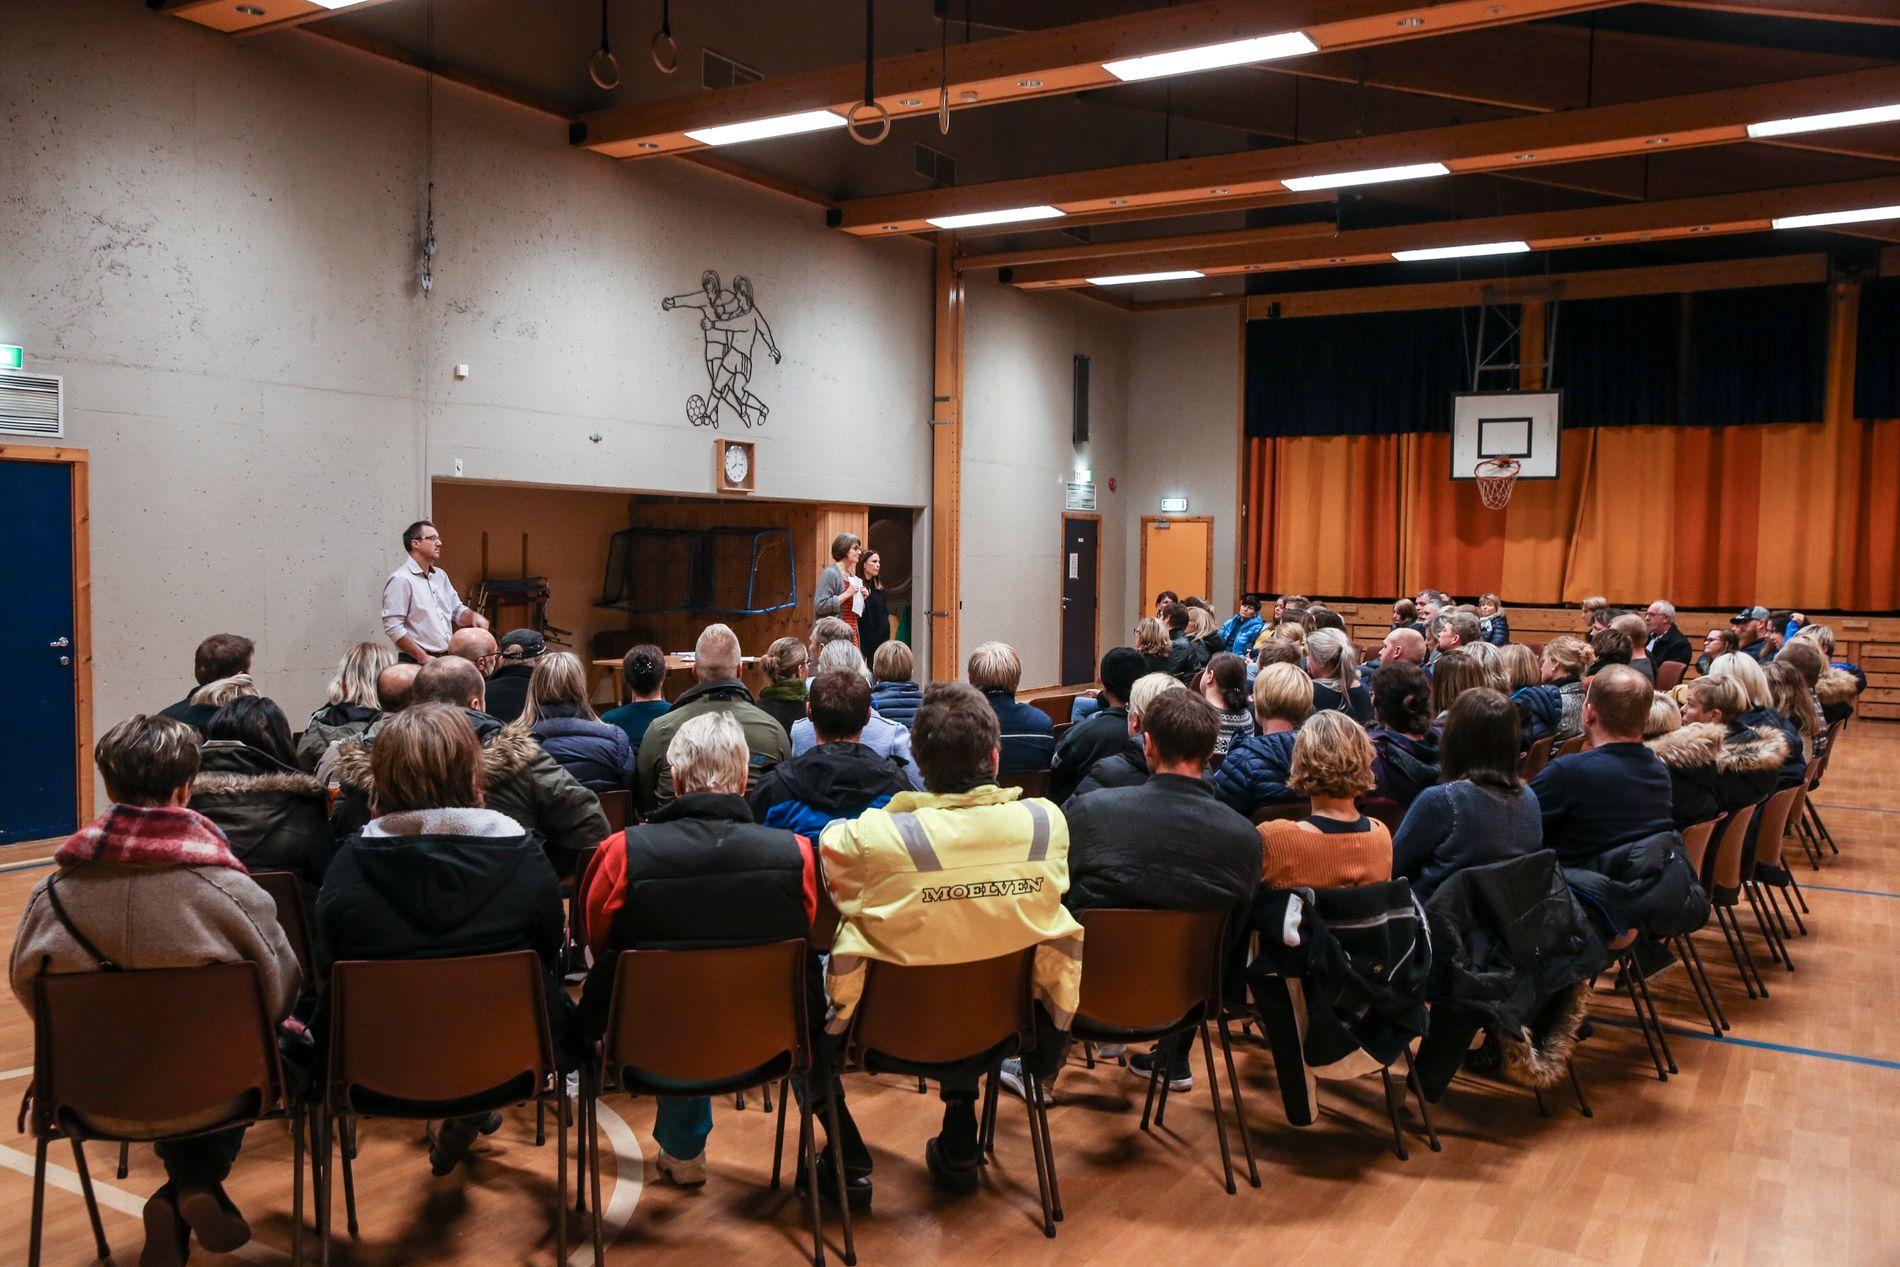 MANGE SPØRSMÅL: På Barhaug skole hadde mange foreldre møtt opp til et informasjonsmøte torsdag kveld.